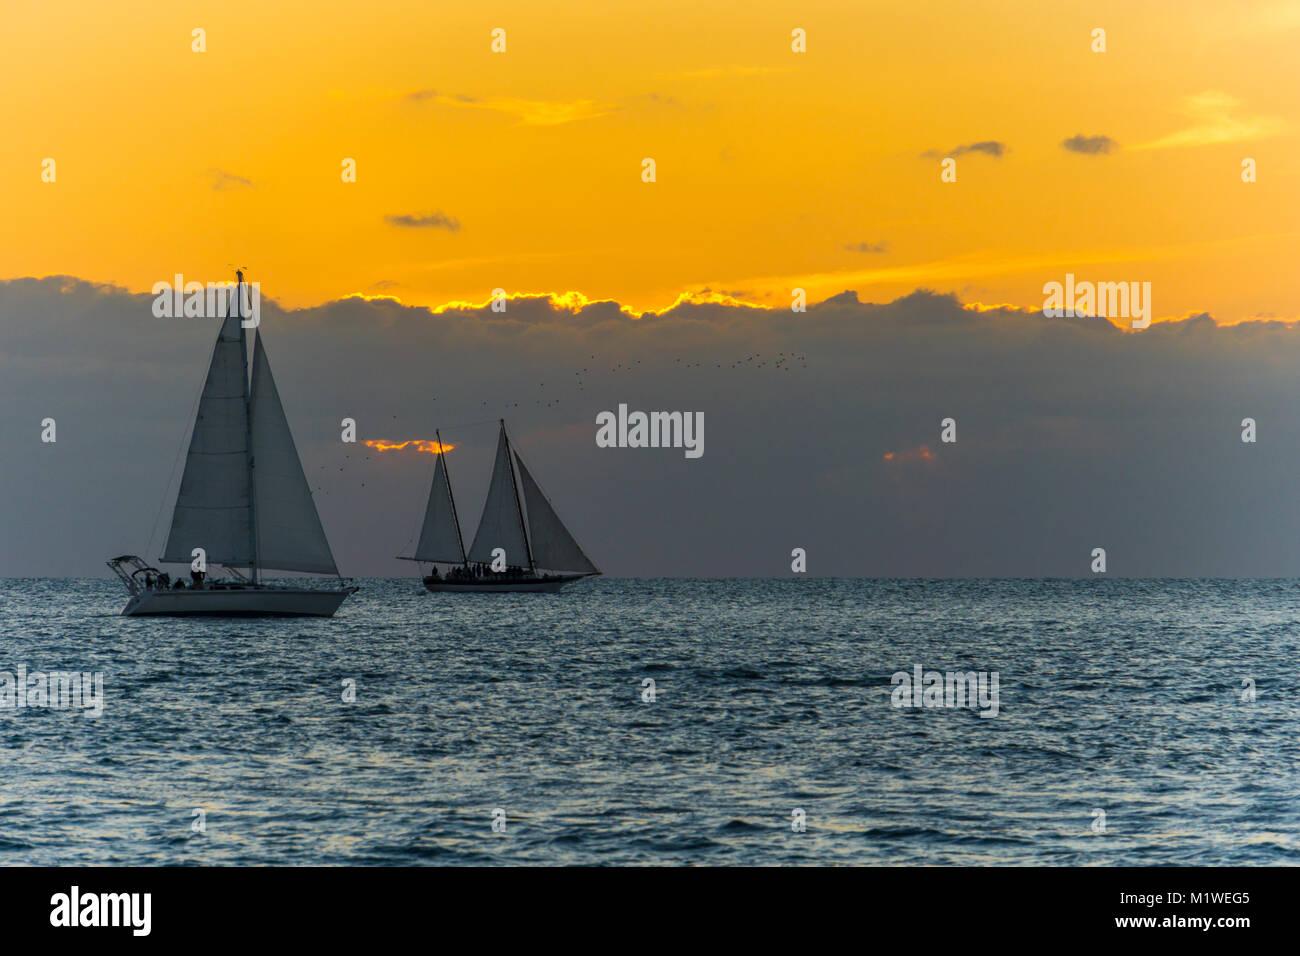 Stati Uniti d'America, Florida, arancione tramonto dietro le nuvole a key west con due barche a vela in acqua Immagini Stock